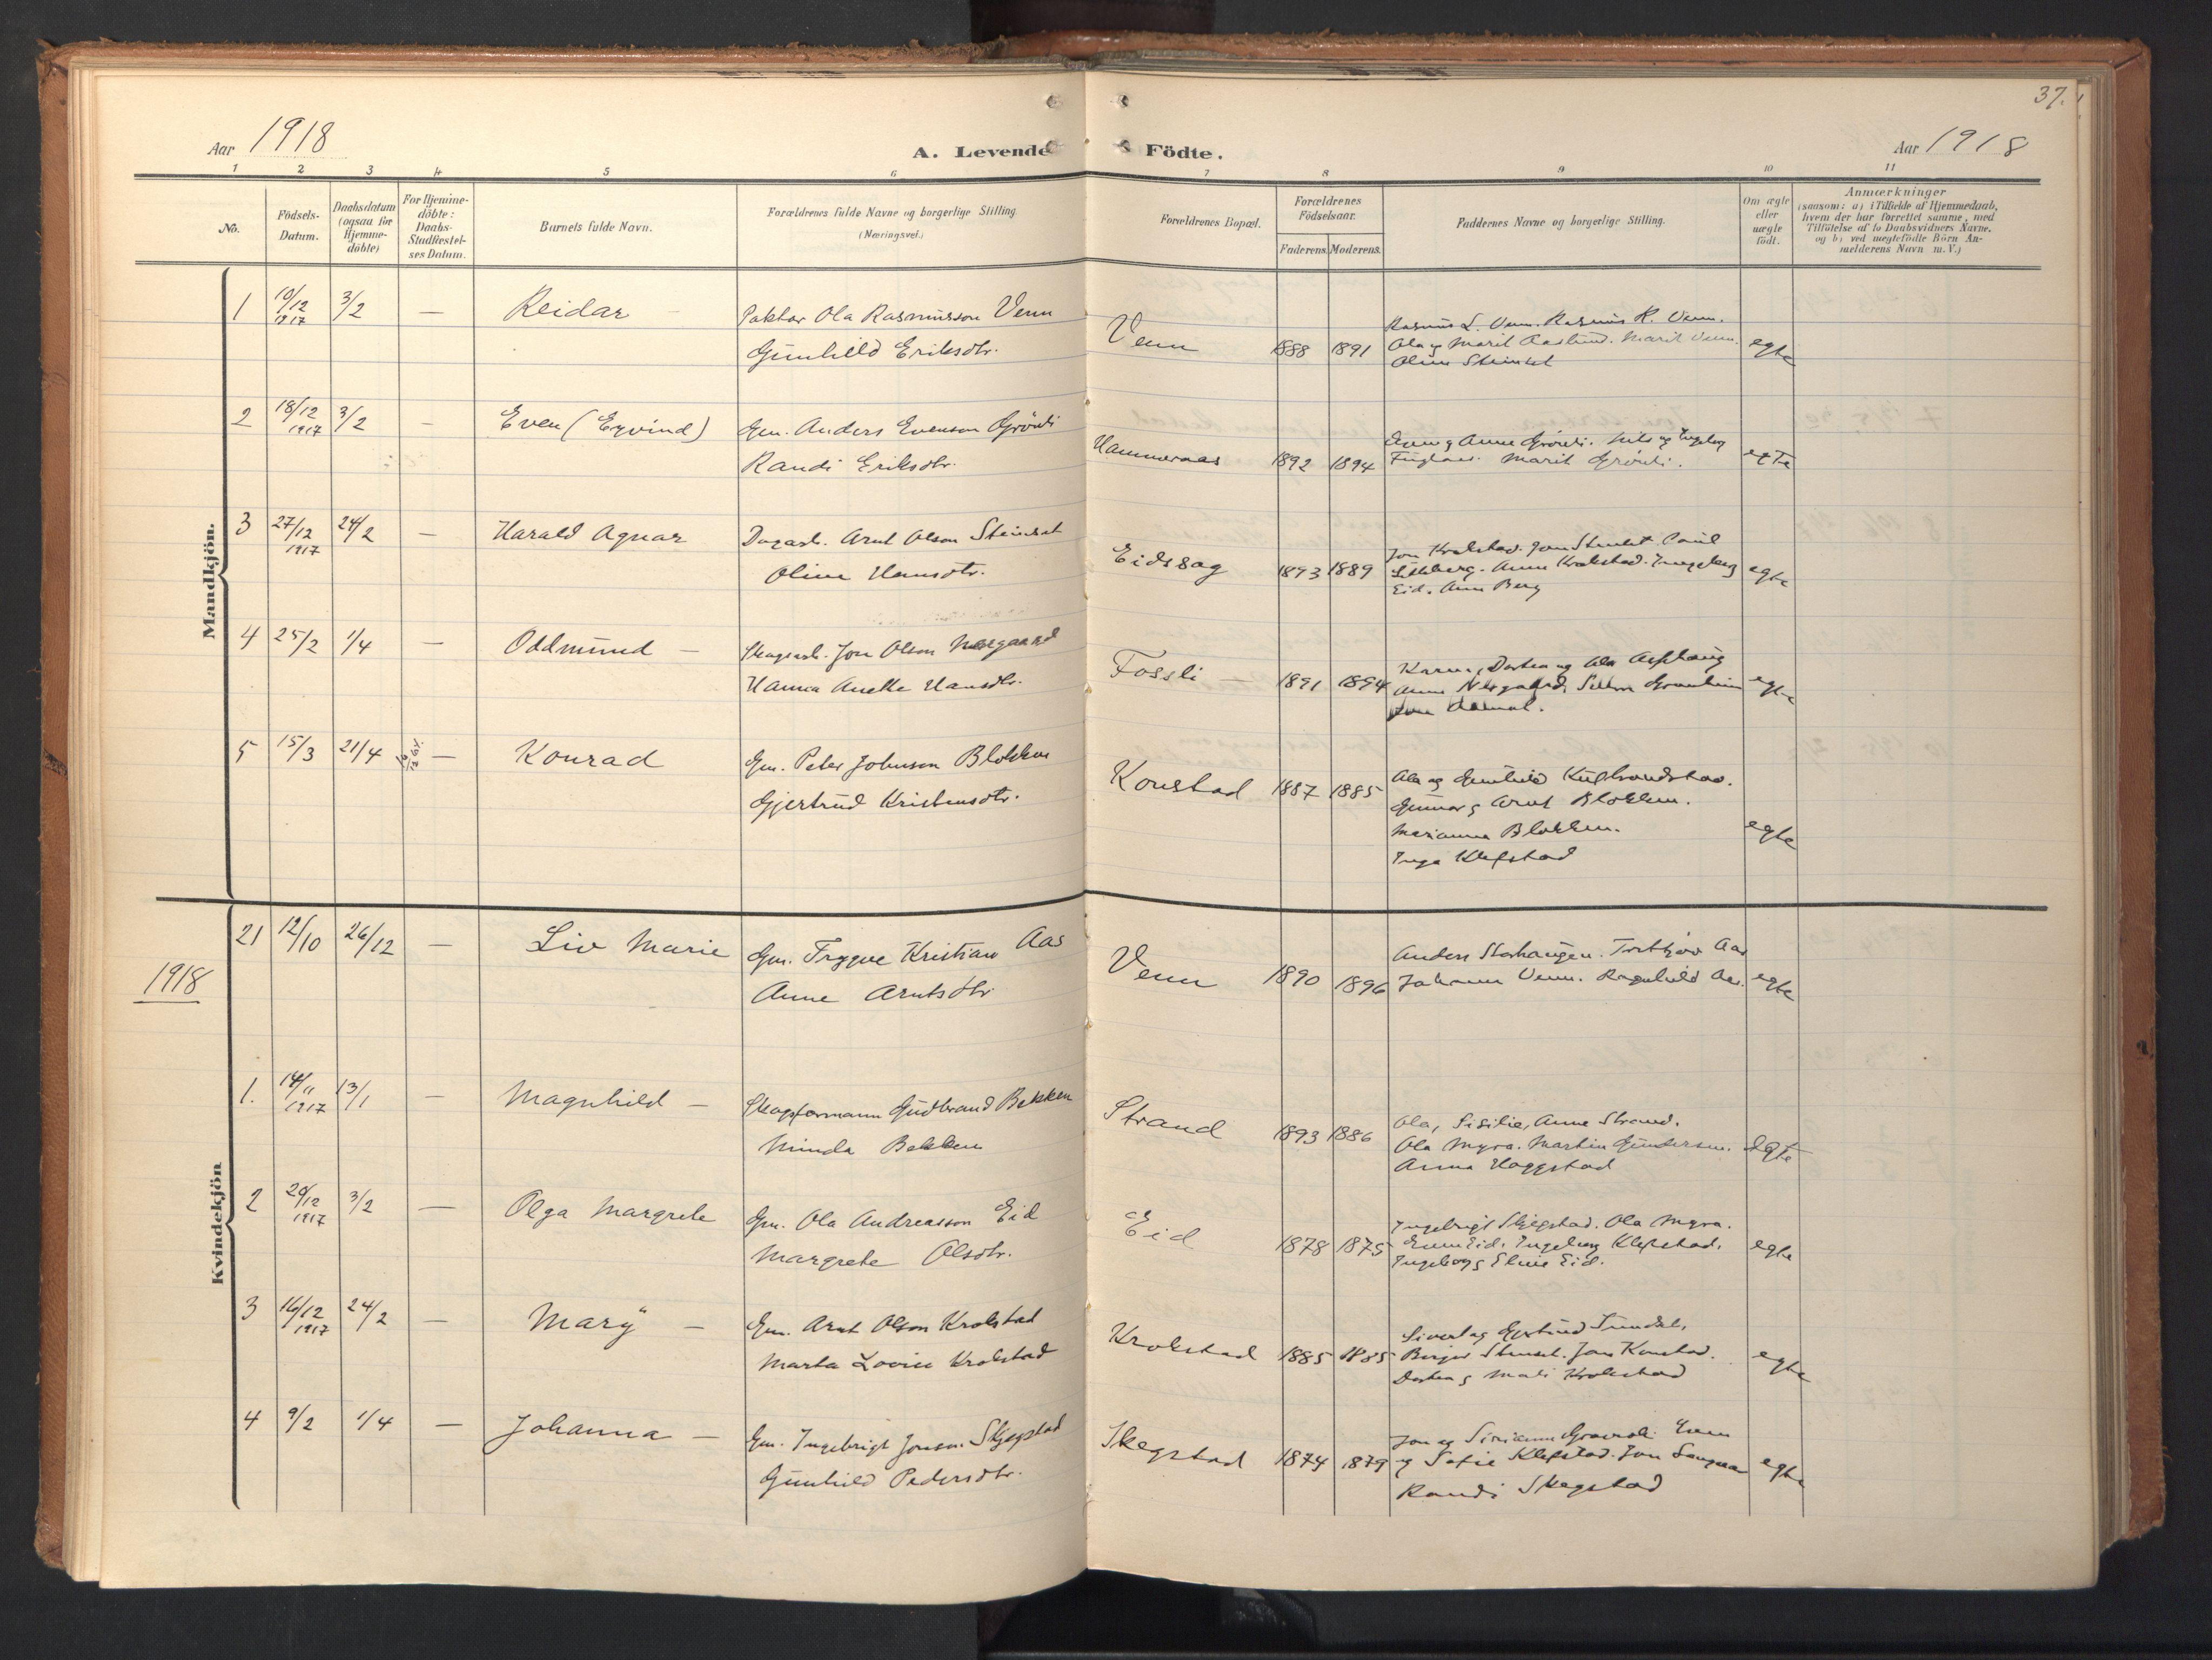 SAT, Ministerialprotokoller, klokkerbøker og fødselsregistre - Sør-Trøndelag, 694/L1128: Ministerialbok nr. 694A02, 1906-1931, s. 37